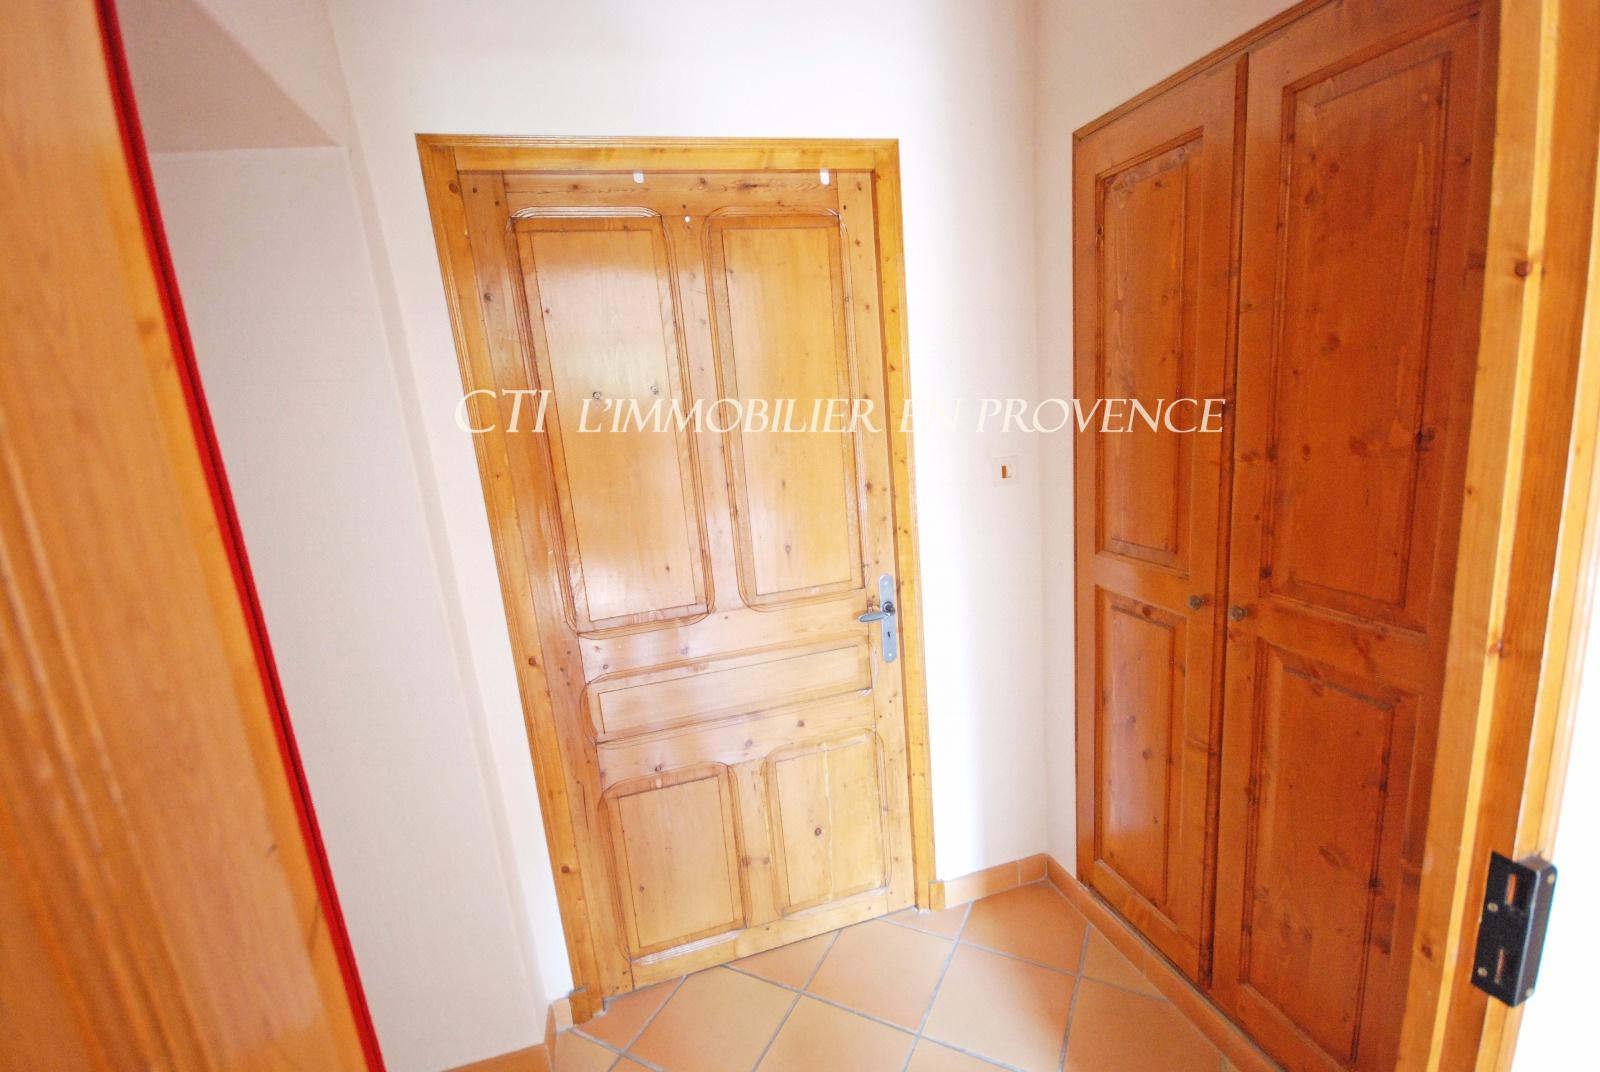 0 www.cti-provence.net A VENDRE PROPRIÉTÉ PIERRE MAS PARC VUE MONT VENTOUX PISCINE PRO